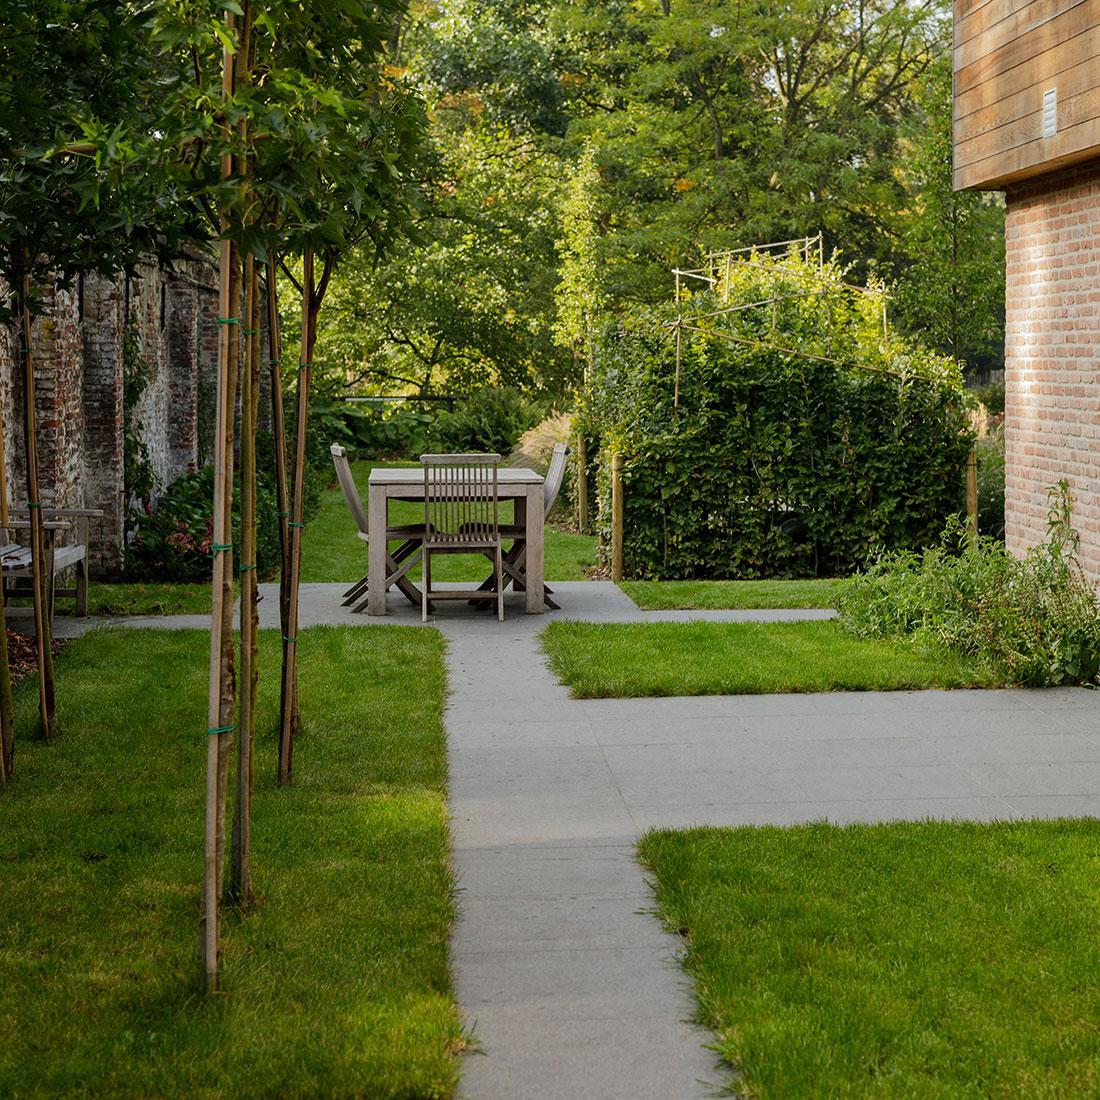 177-kasteeltuin-villatuin-multibat-topiary-carpinus-fagus-oprijlaan-natuur-natural-tuinarchitect-tuinontwerp-76.jpg